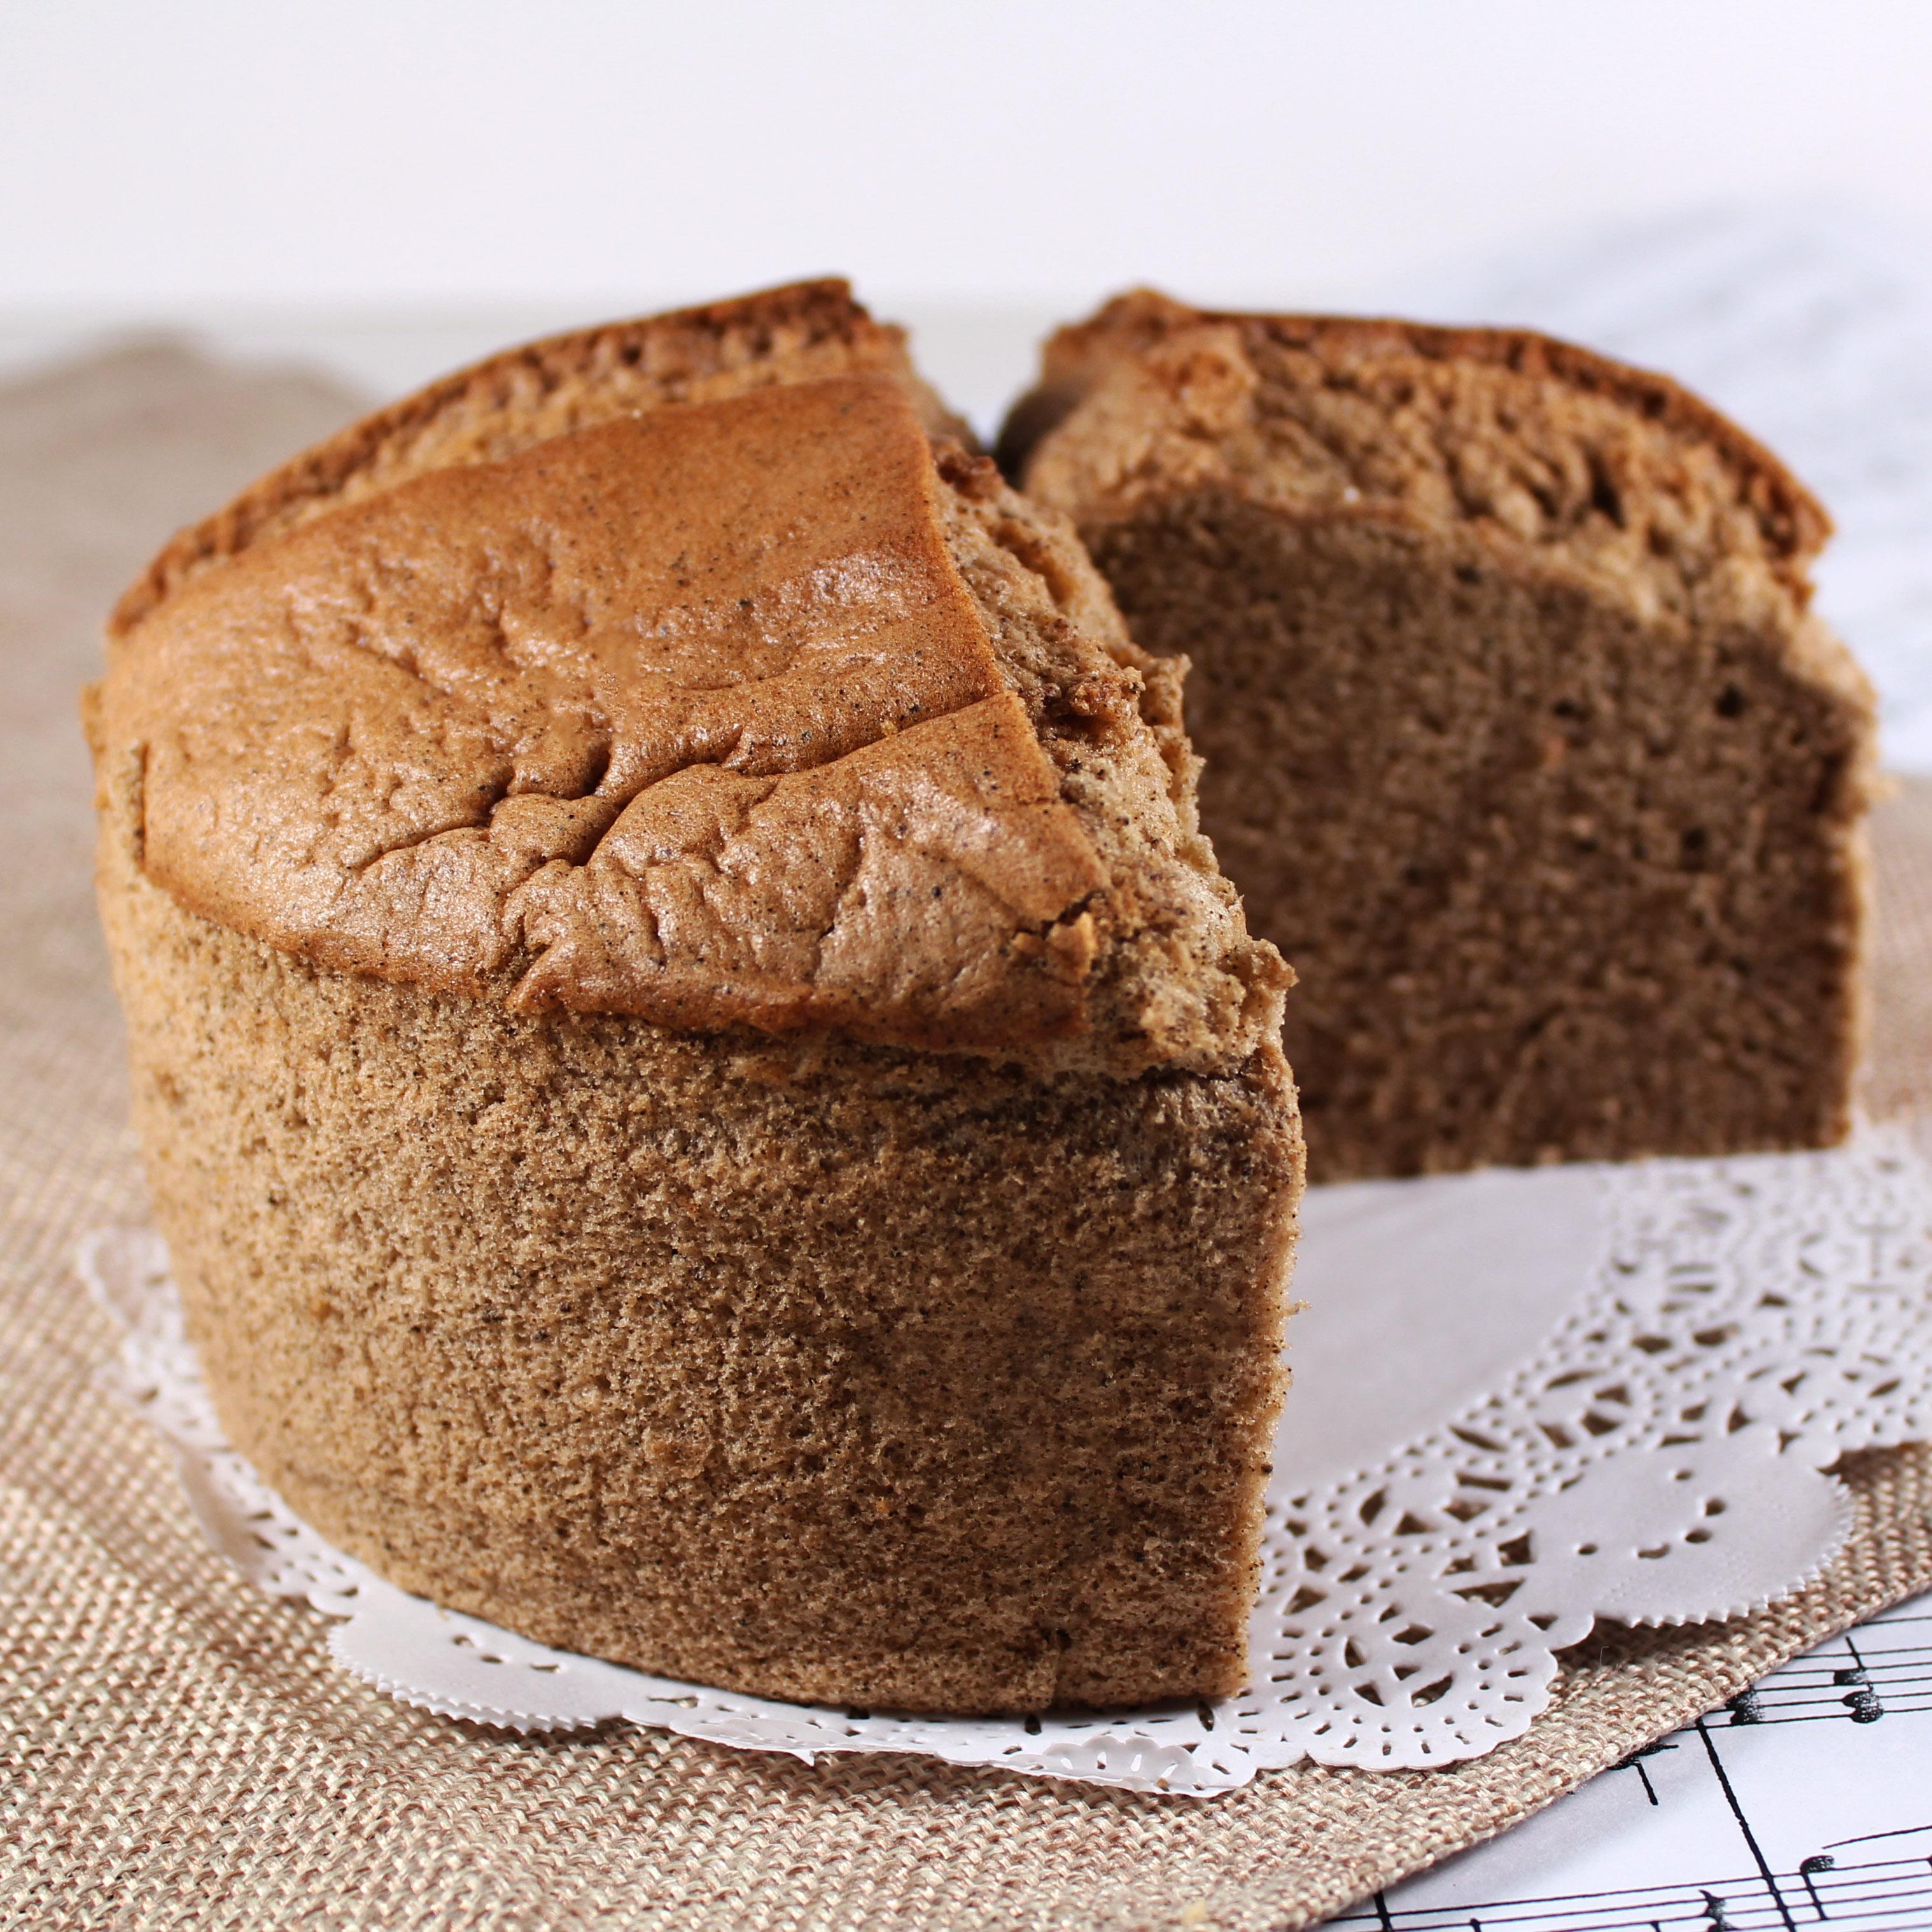 【Annie Bakery】紅茶斯斯蛋糕☆獨創健康取向蛋糕,結合台灣在地茶農,使用台茶18號日月潭紅玉紅茶,清爽綿密的口感,讓您一吃再吃